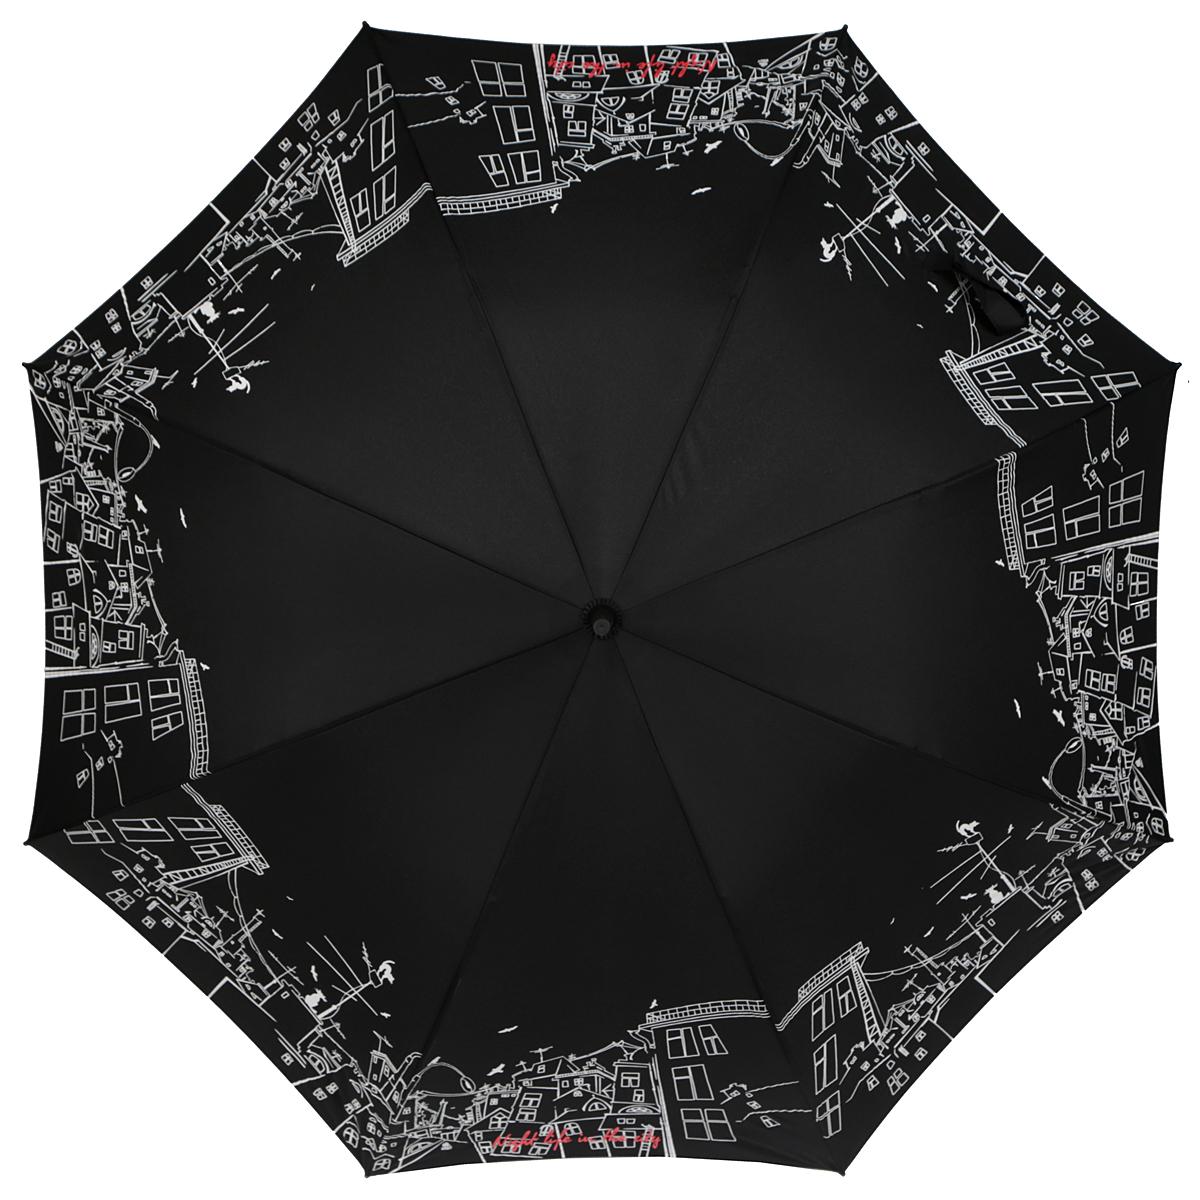 Зонт-трость женский Zest, полуавтомат, цвет: черный, белый. 21629-804721629-8047Очаровательный полуавтоматический зонт-трость Zest займет достойное место среди вашей коллекции аксессуаров. Каркас зонта из фибергласса состоит из 8 спиц и прочного стержня. Специальная система Windproof защищает его от поломок во время сильных порывов ветра. Купол зонта изготовлен из прочного полиэстера с водоотталкивающей пропиткой и оформлен изображением ночного города. Рукоятка закругленной формы, разработанная с учетом требований эргономики, выполнена из металла и пластика. Зонт имеет полуавтоматический механизм сложения: купол открывается нажатием на кнопку и закрывается вручную до характерного щелчка. Модель закрывается при помощи хлястика на застежку-липучку. Прелестный зонт не только выручит вас в ненастную погоду, но и станет стильным аксессуаром, который прекрасно дополнит ваш модный образ.